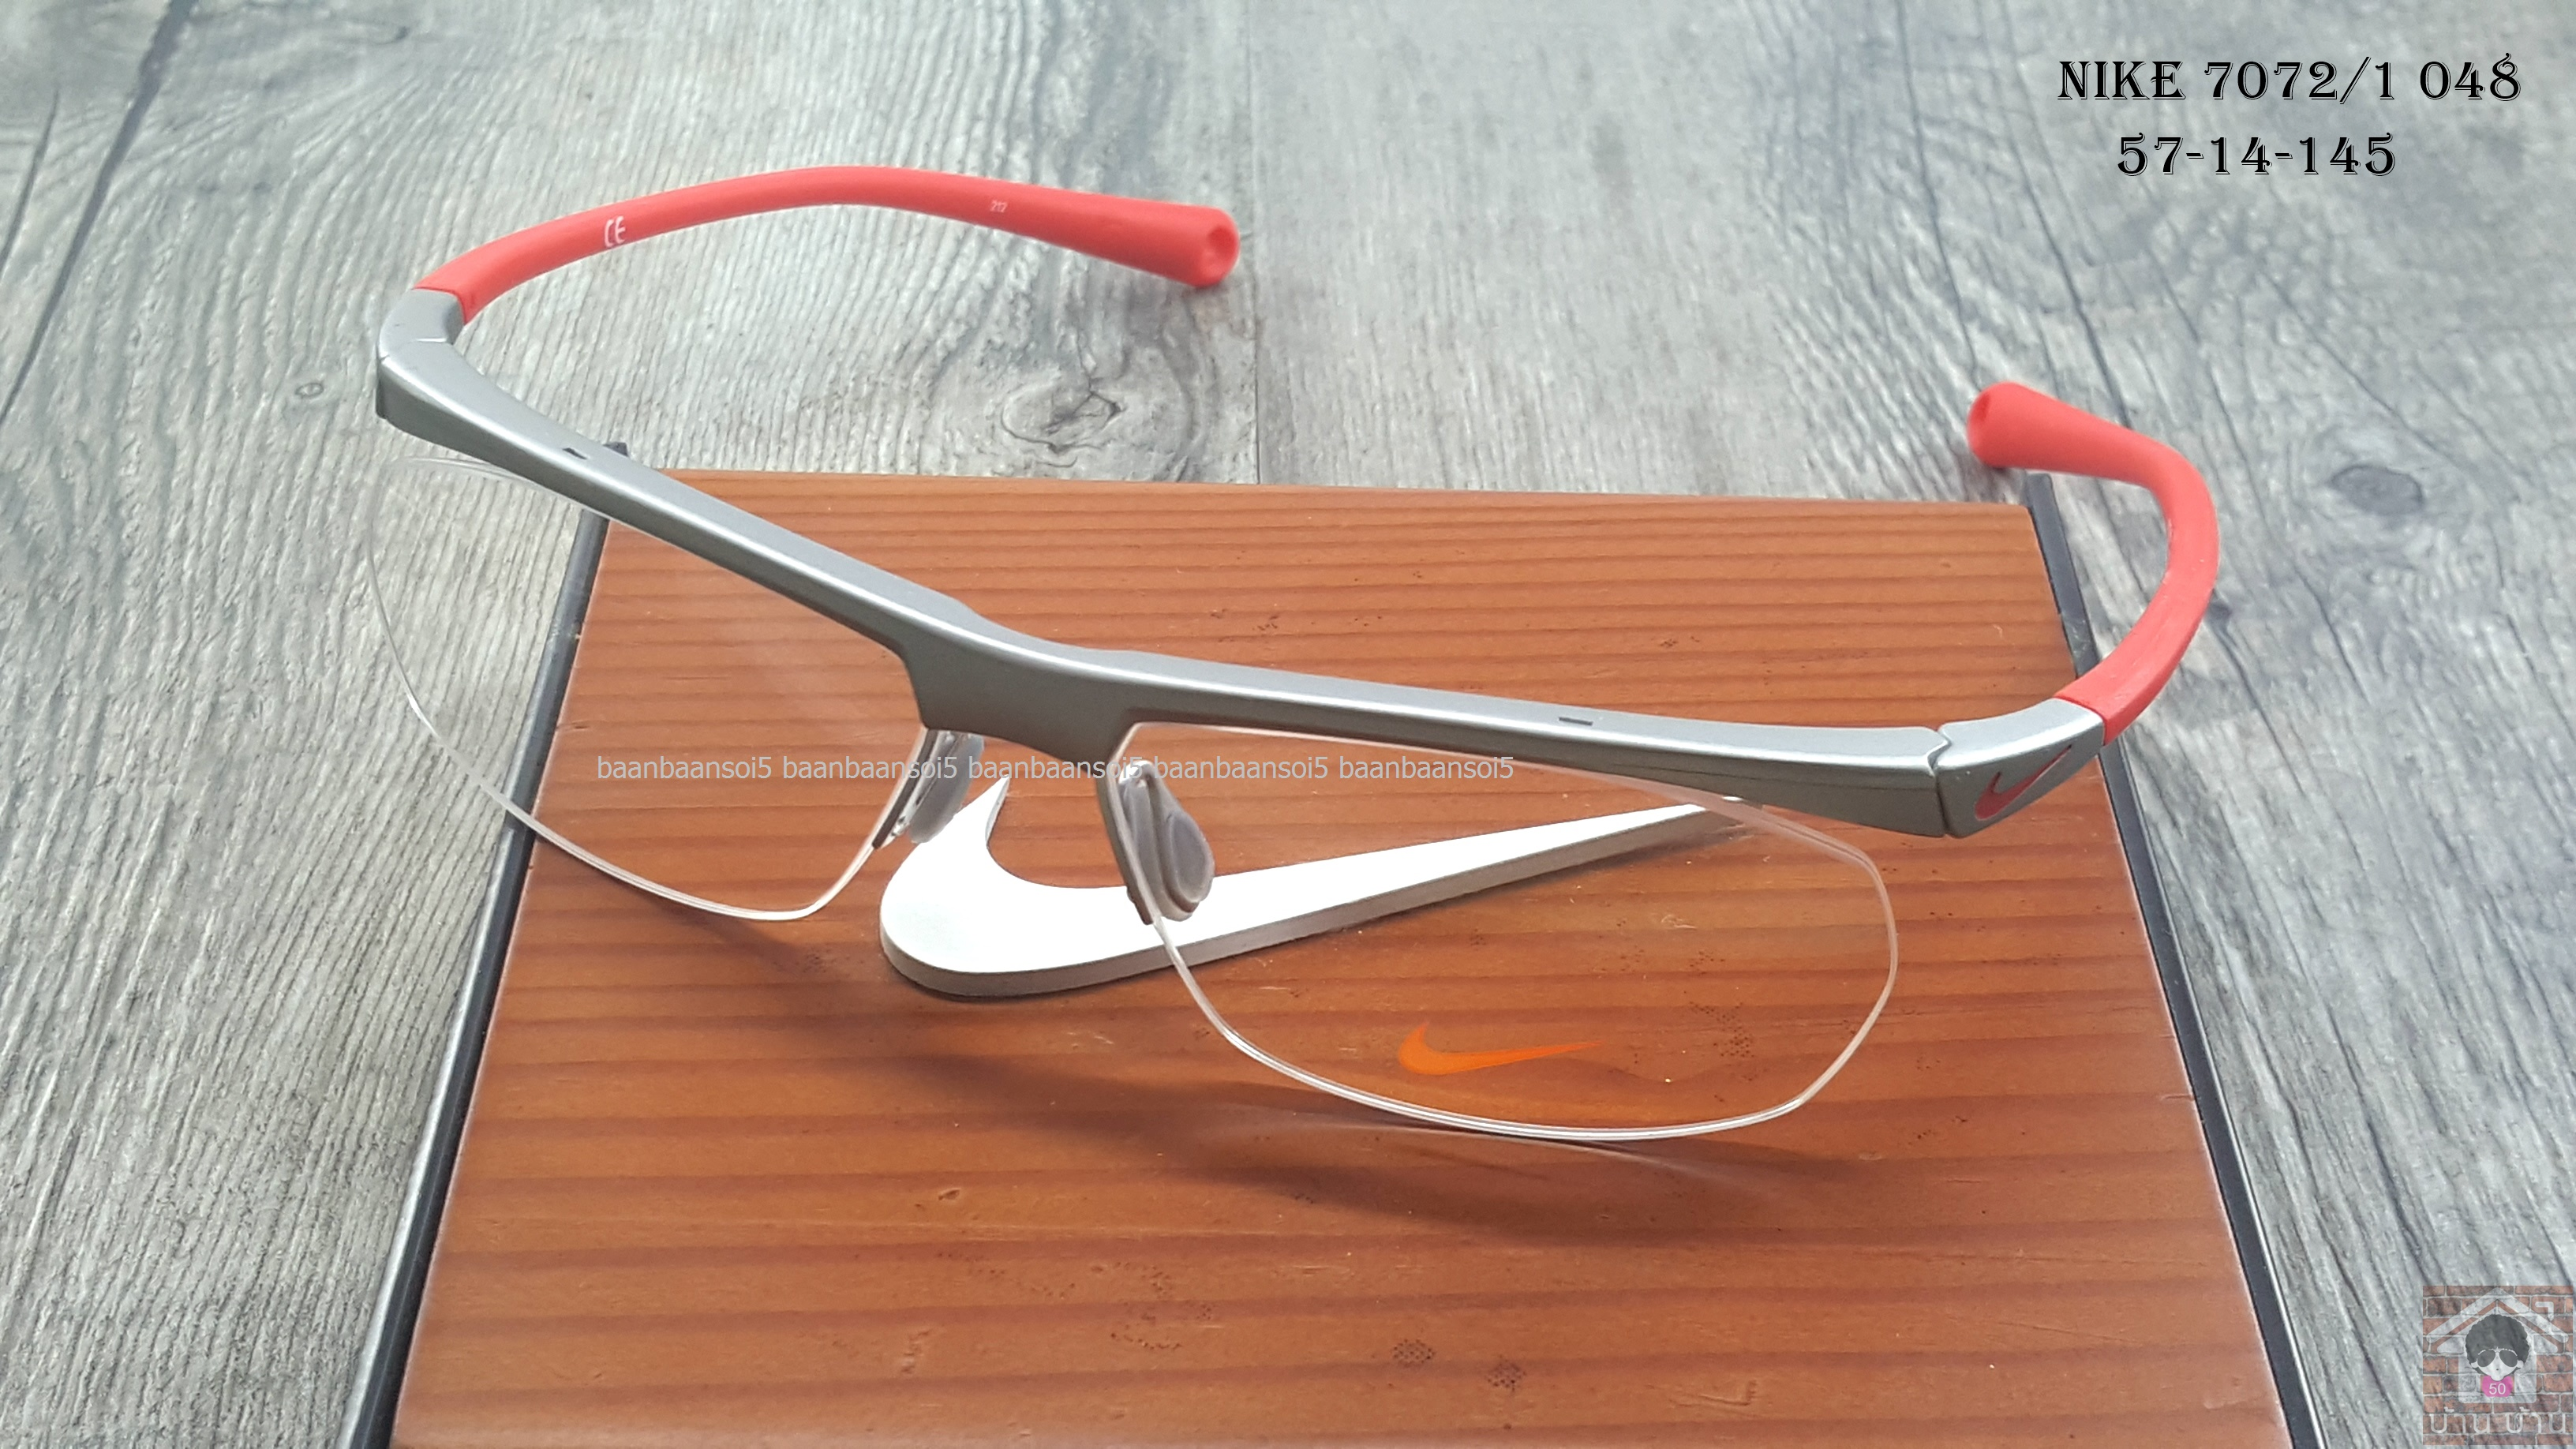 NIKE BRAND ORIGINALแท้ 7072/1 048 กรอบแว่นตาพร้อมเลนส์ มัลติโค๊ตHOYA ป้องกันรังสีคอม 4,200 บาท